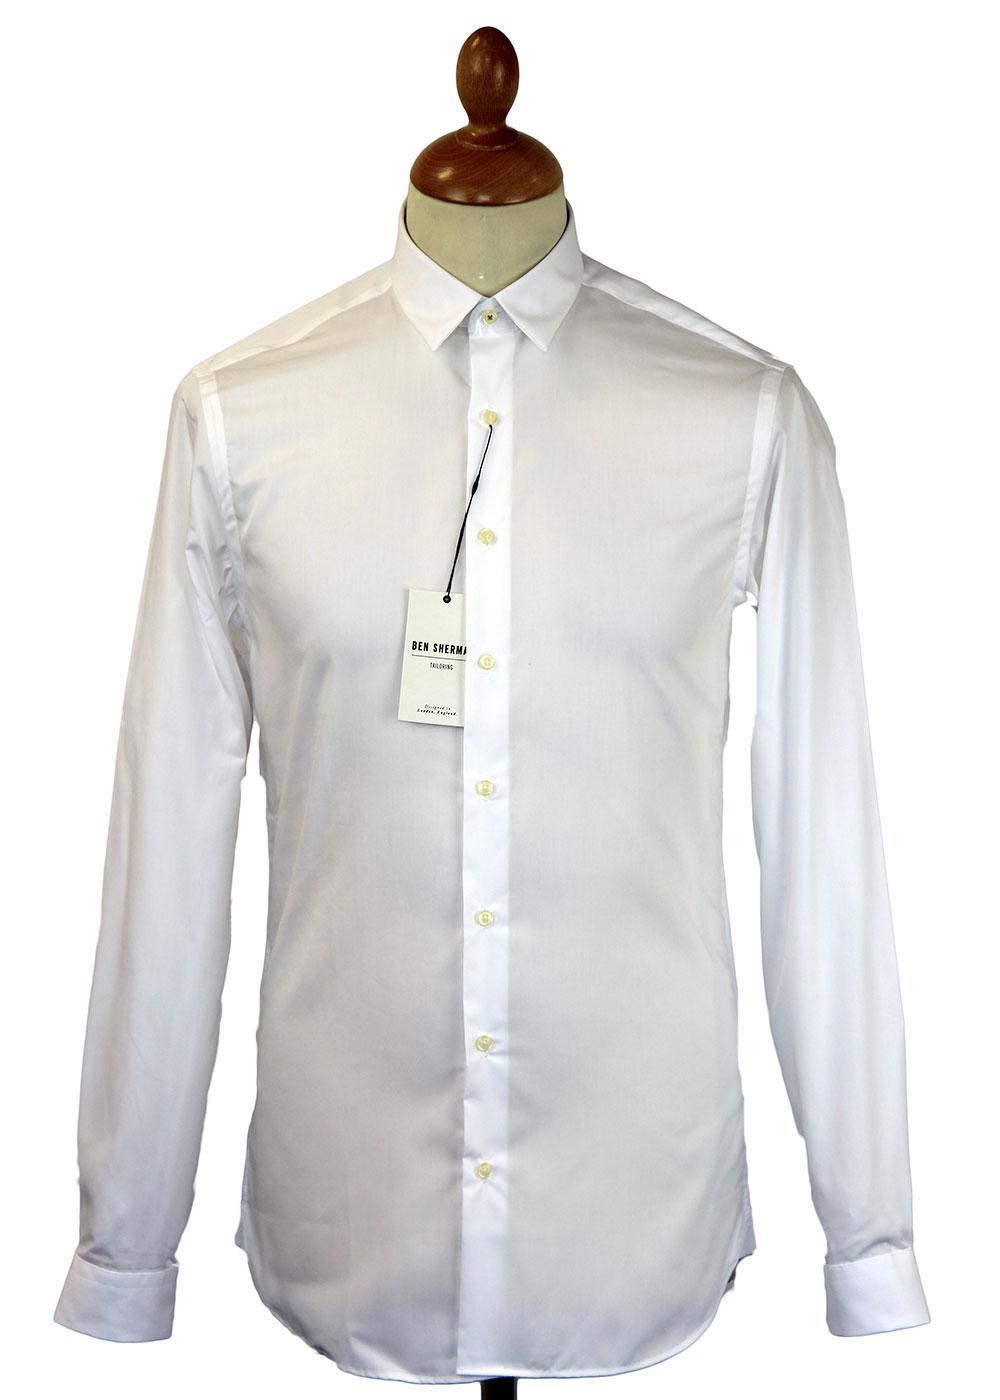 Ben Sherman Tailoring Retro 60s Mod Bluff Collar Shirt White